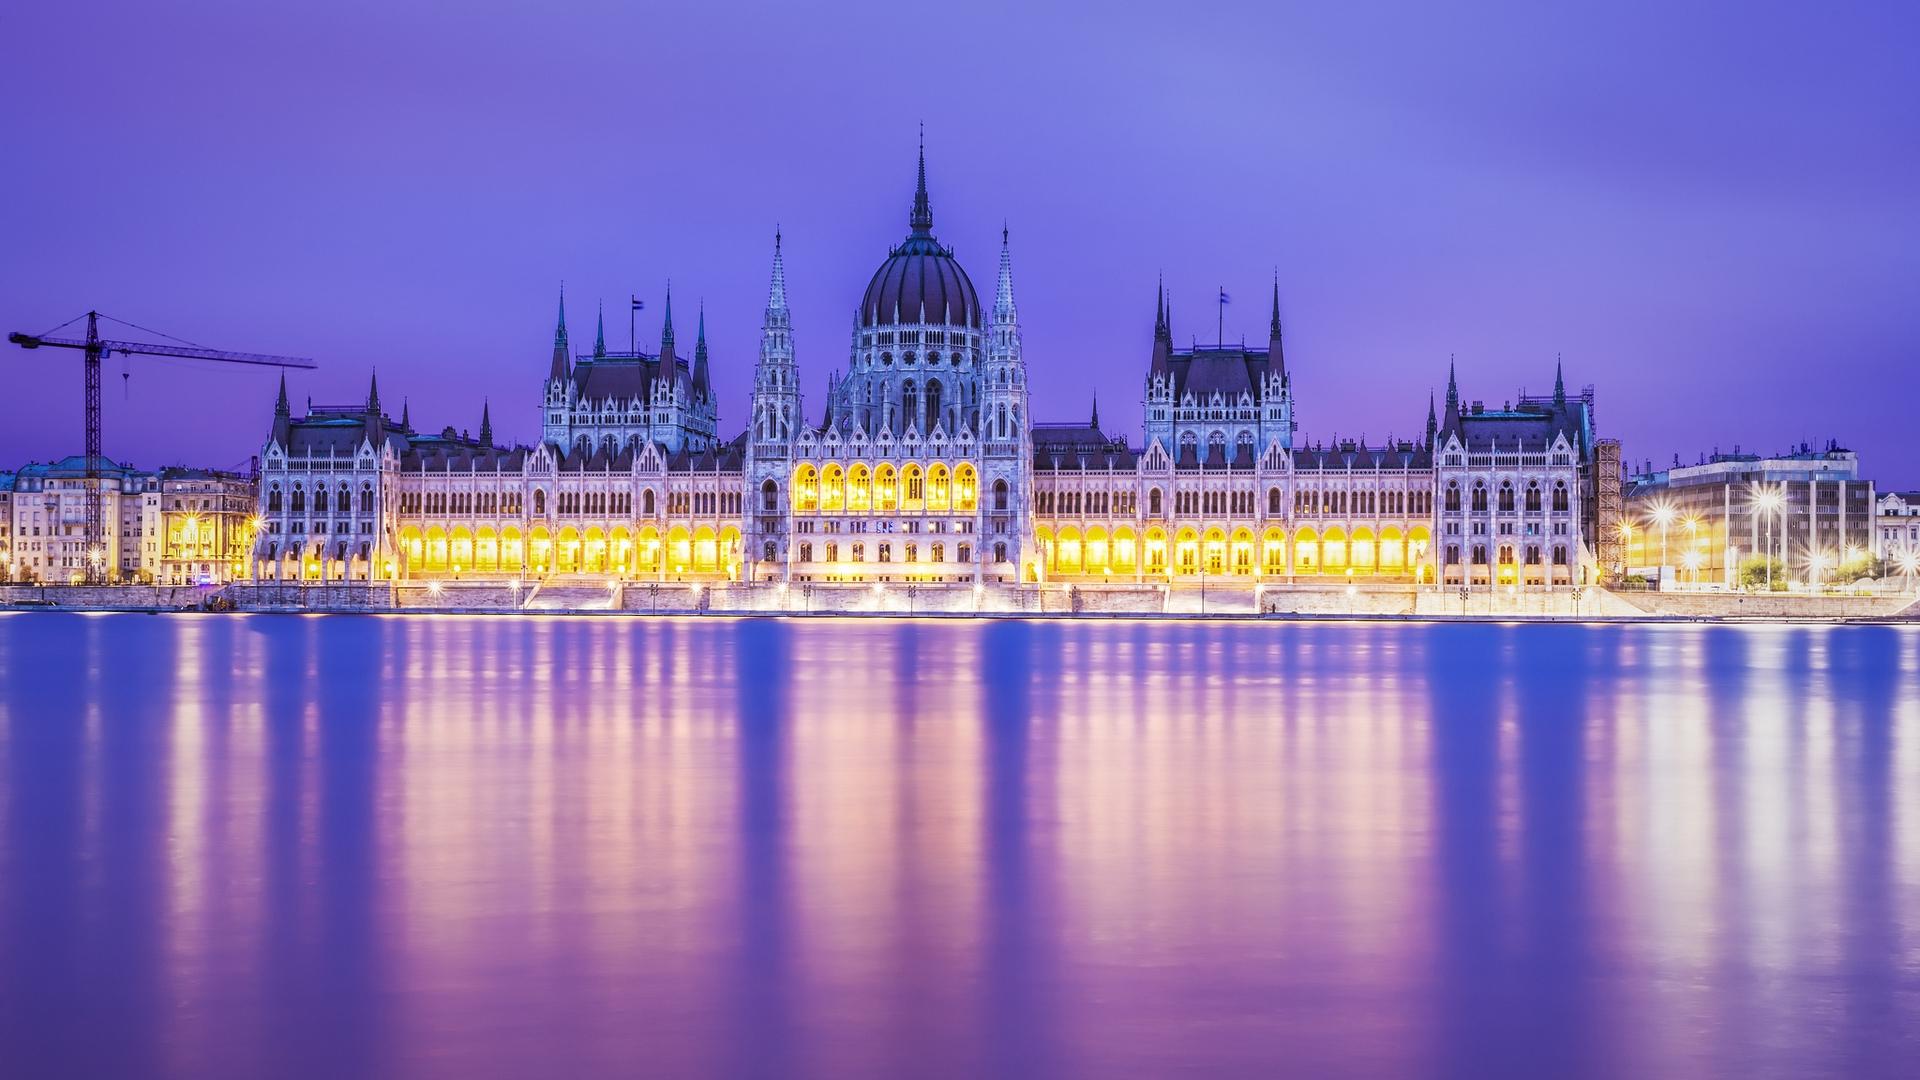 Cute Cartoon Wallpaper Download Stunning Budapest Parliament Building Lighted